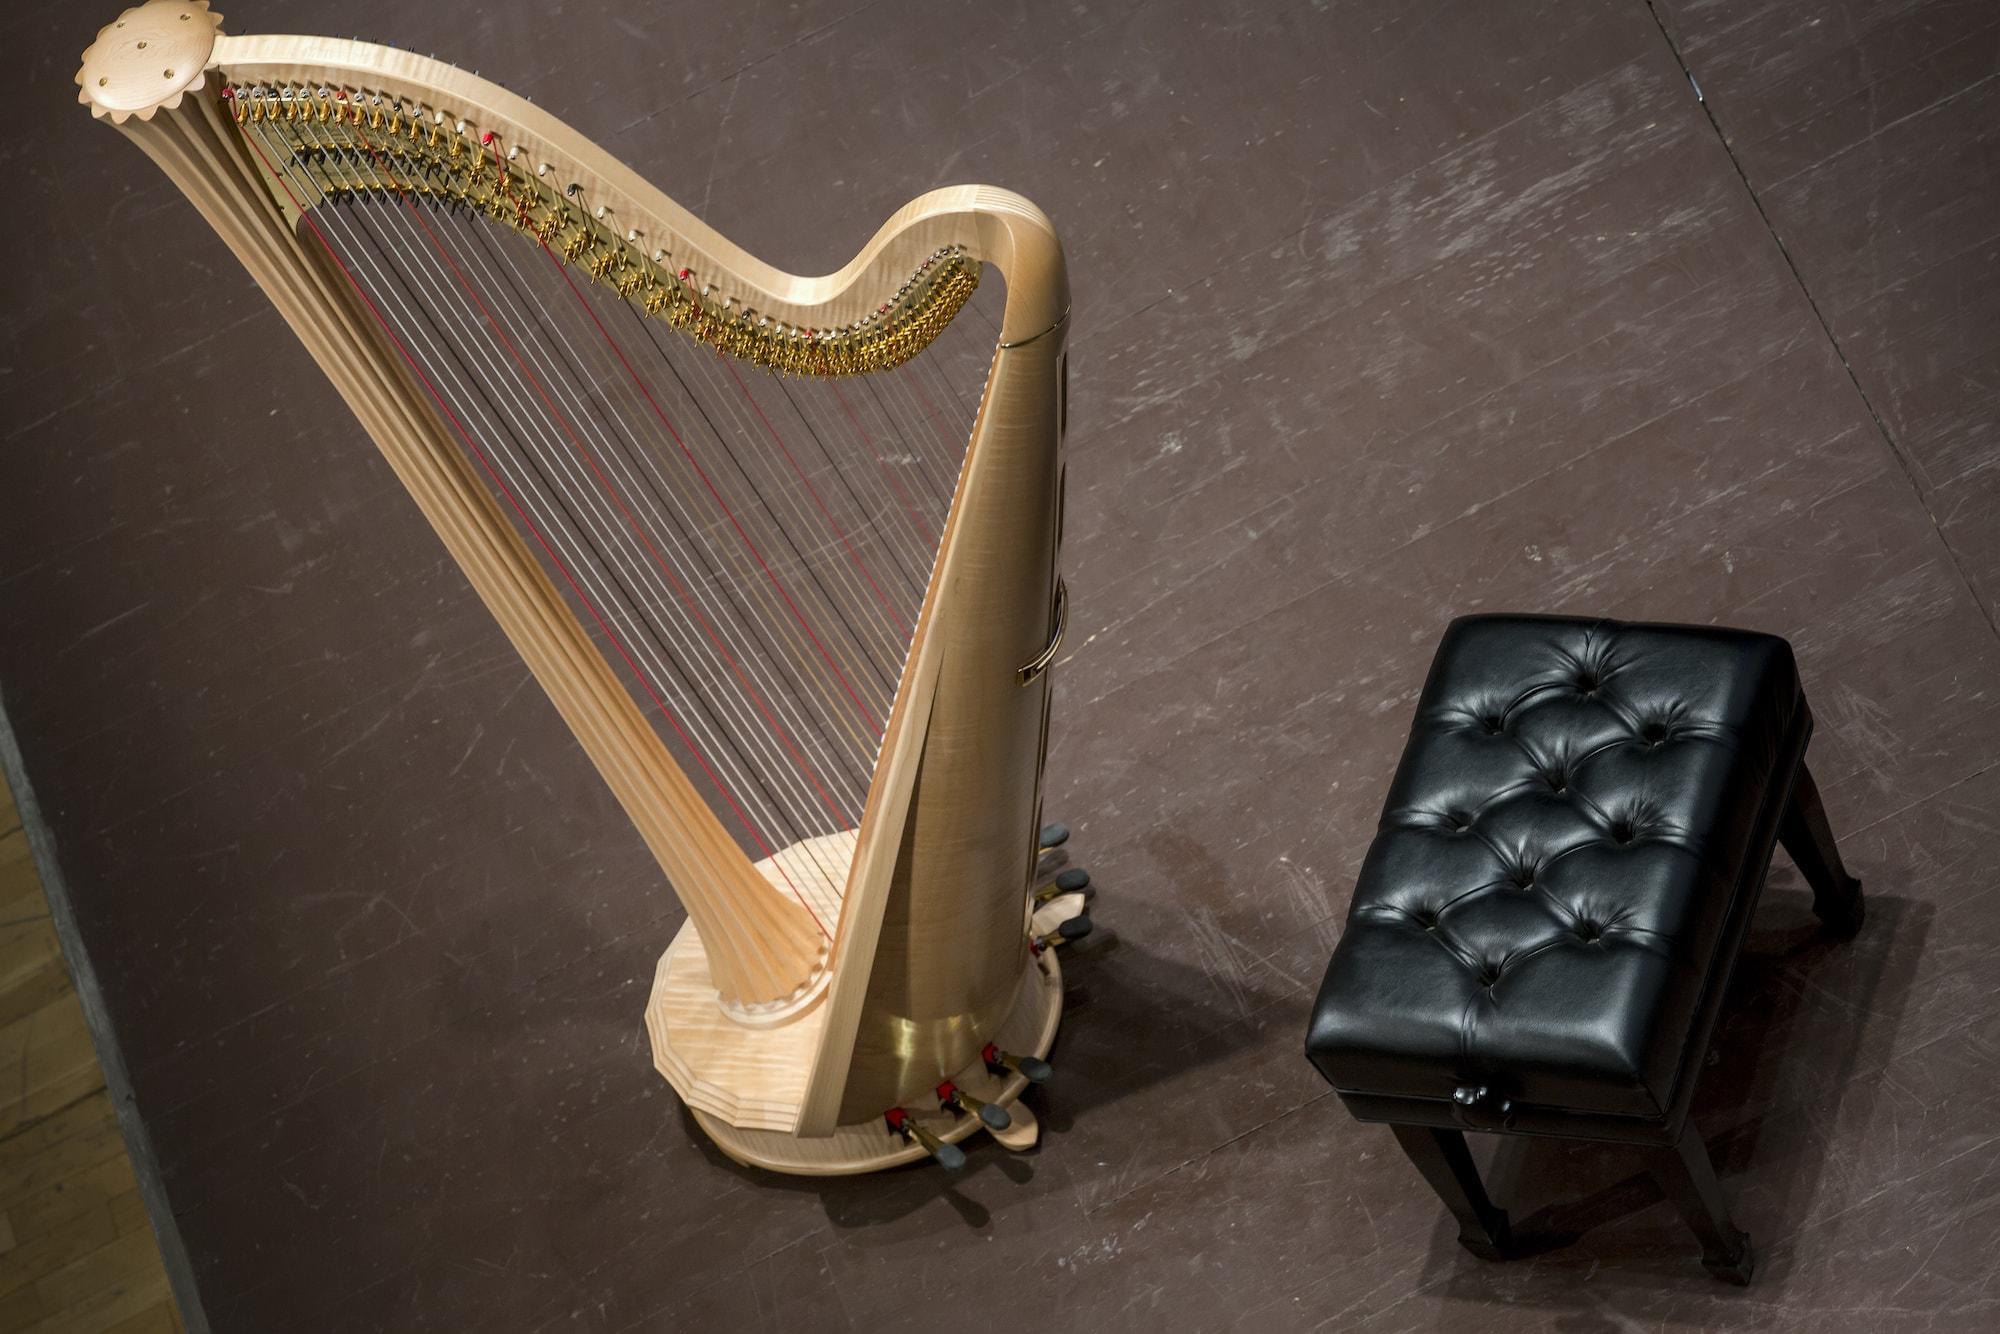 Arpa-terapia: il suono che raggiunge il cuore | Dipendiamo.blog